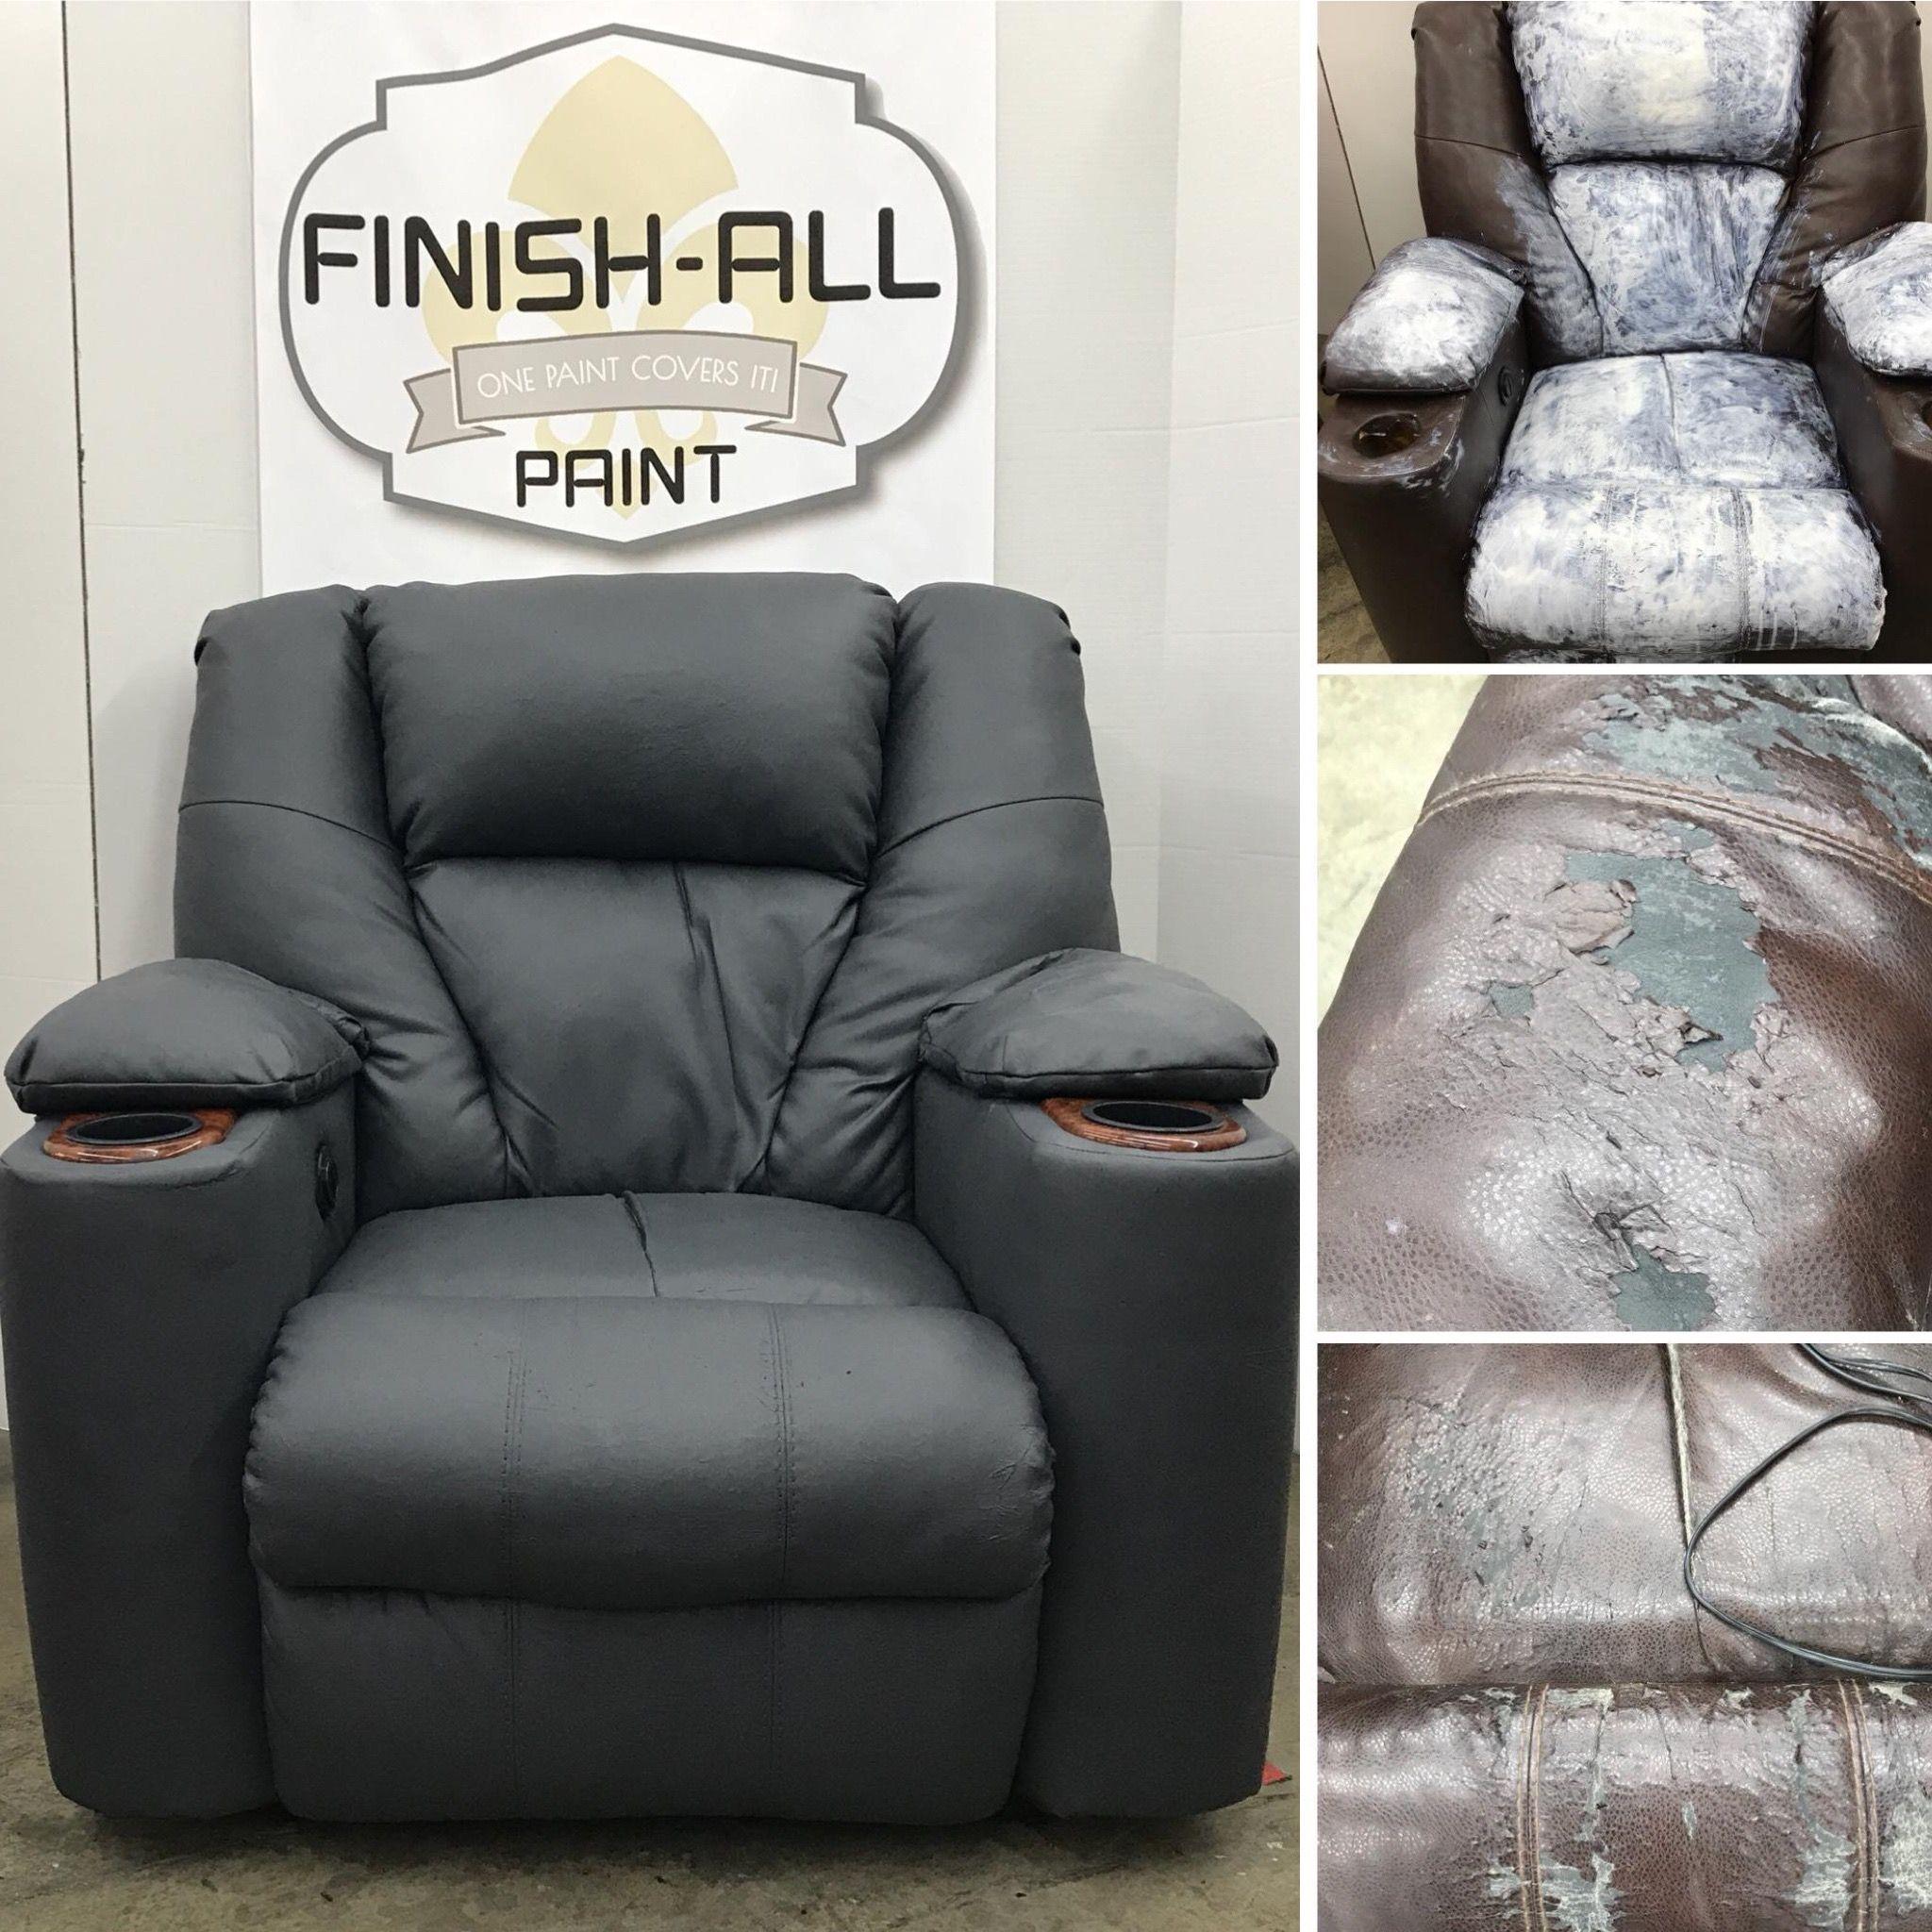 Bonded Leather Peeling How To Repair Repair Tips Diy Repairs House Repairs Repair Diy Home Repair Di Couch Repair